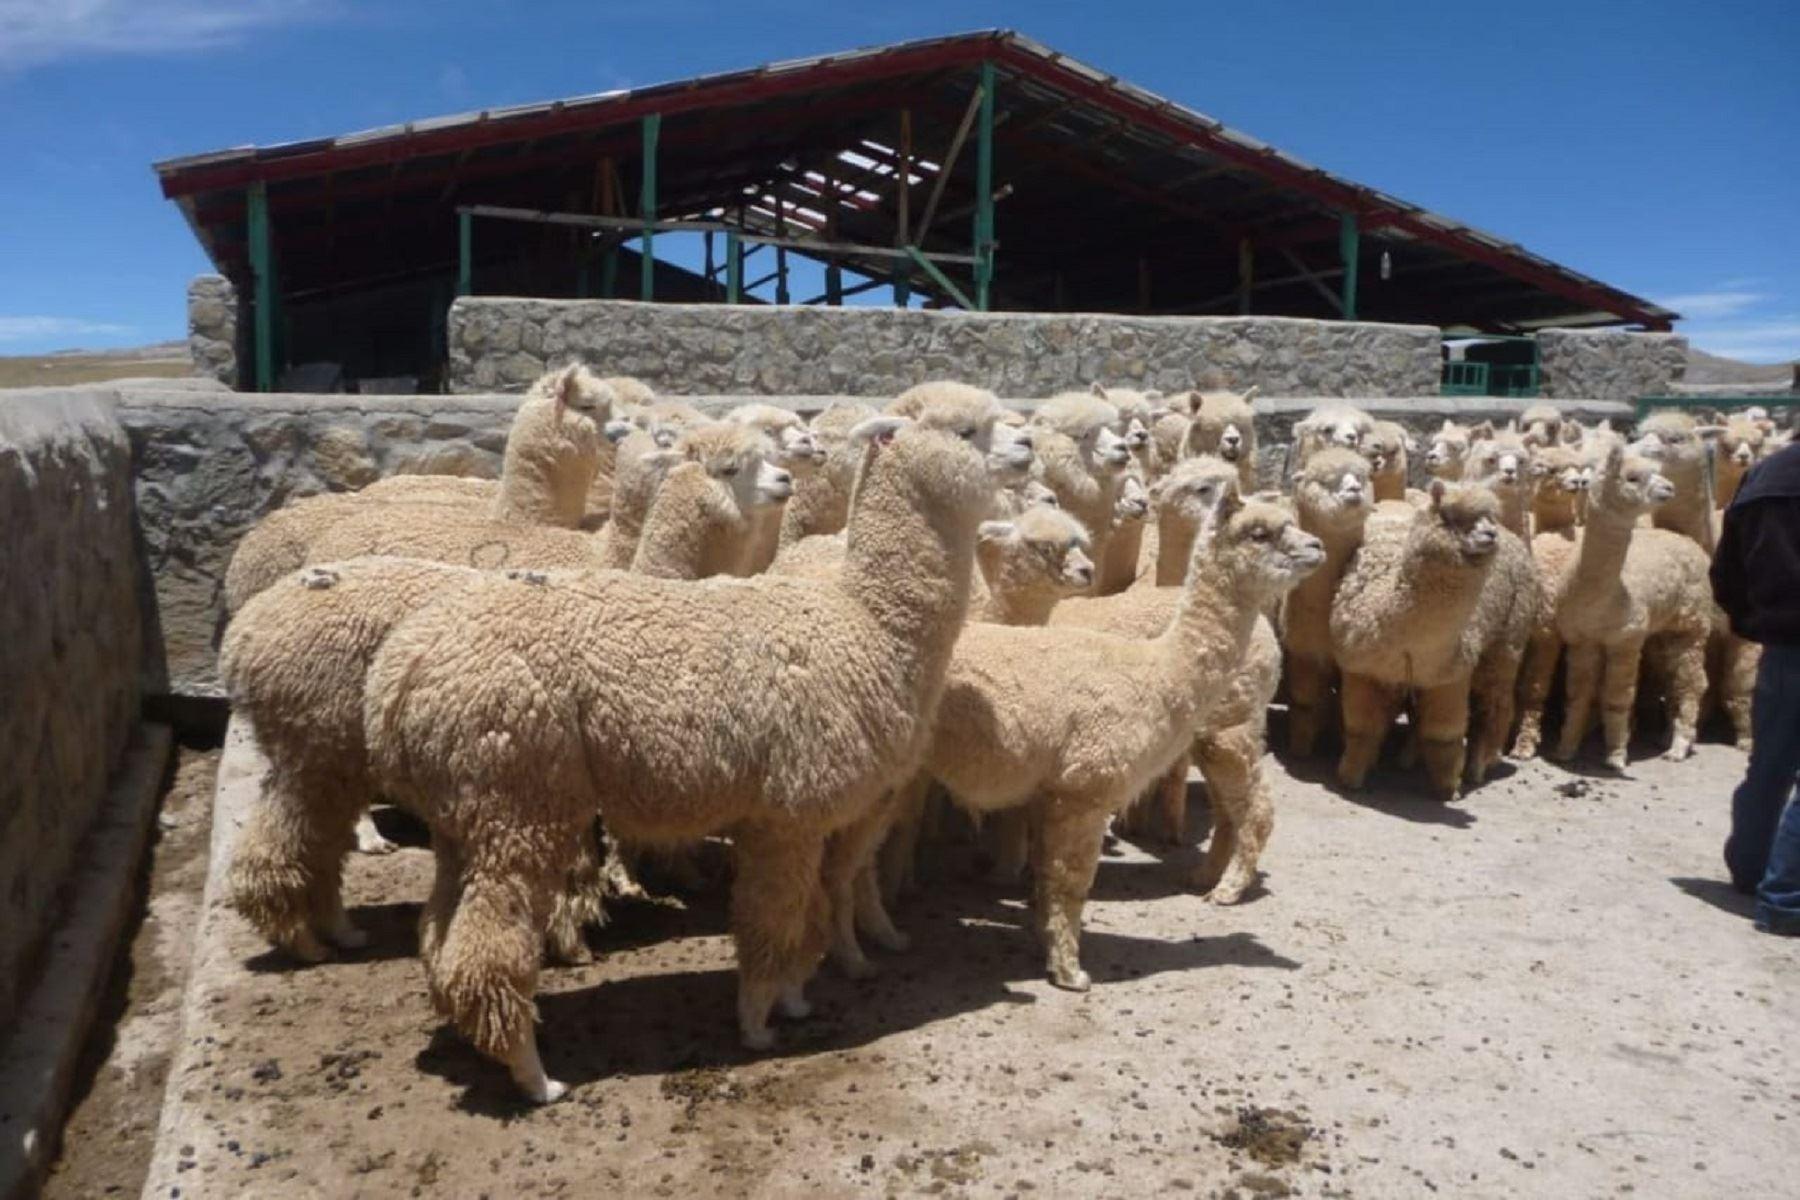 Segunda Reforma Agraria: AgroRural invertirá S/ 79 millones para potenciar ganadería